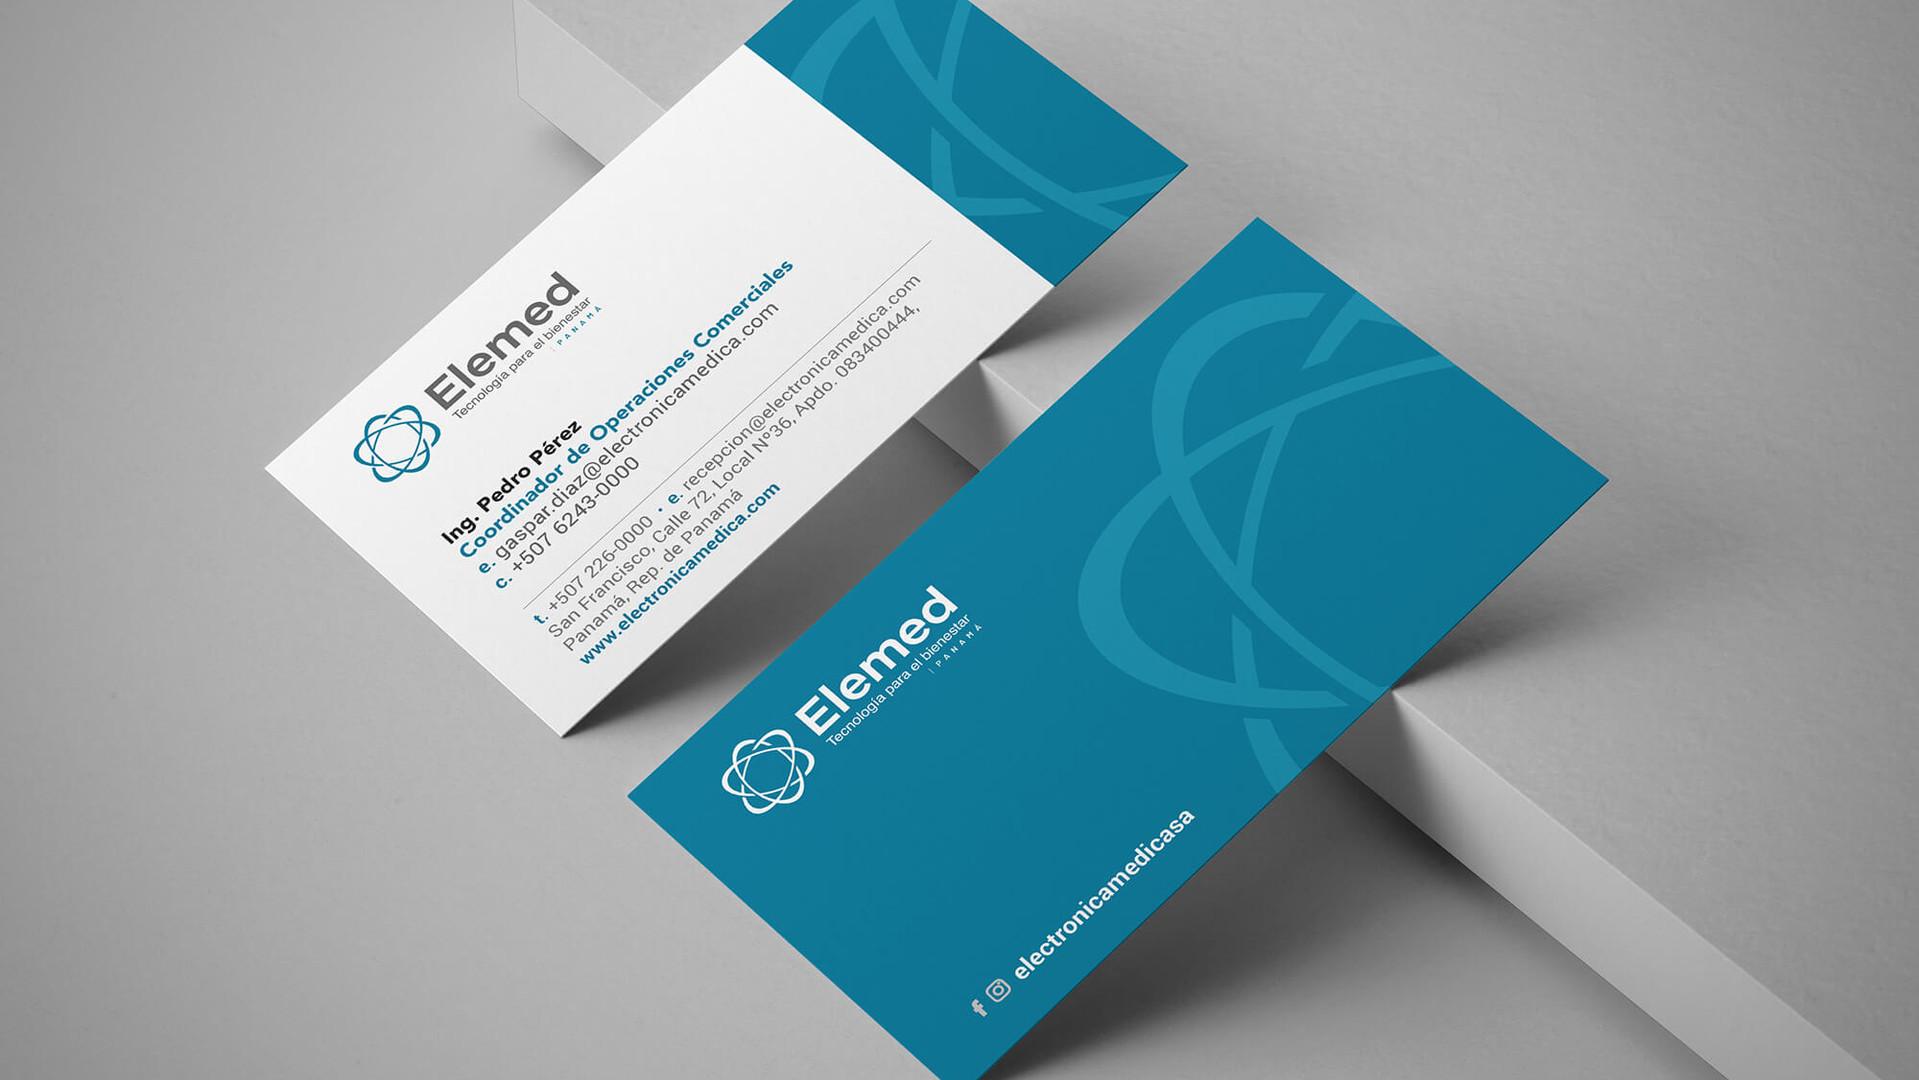 Elemed - Branding